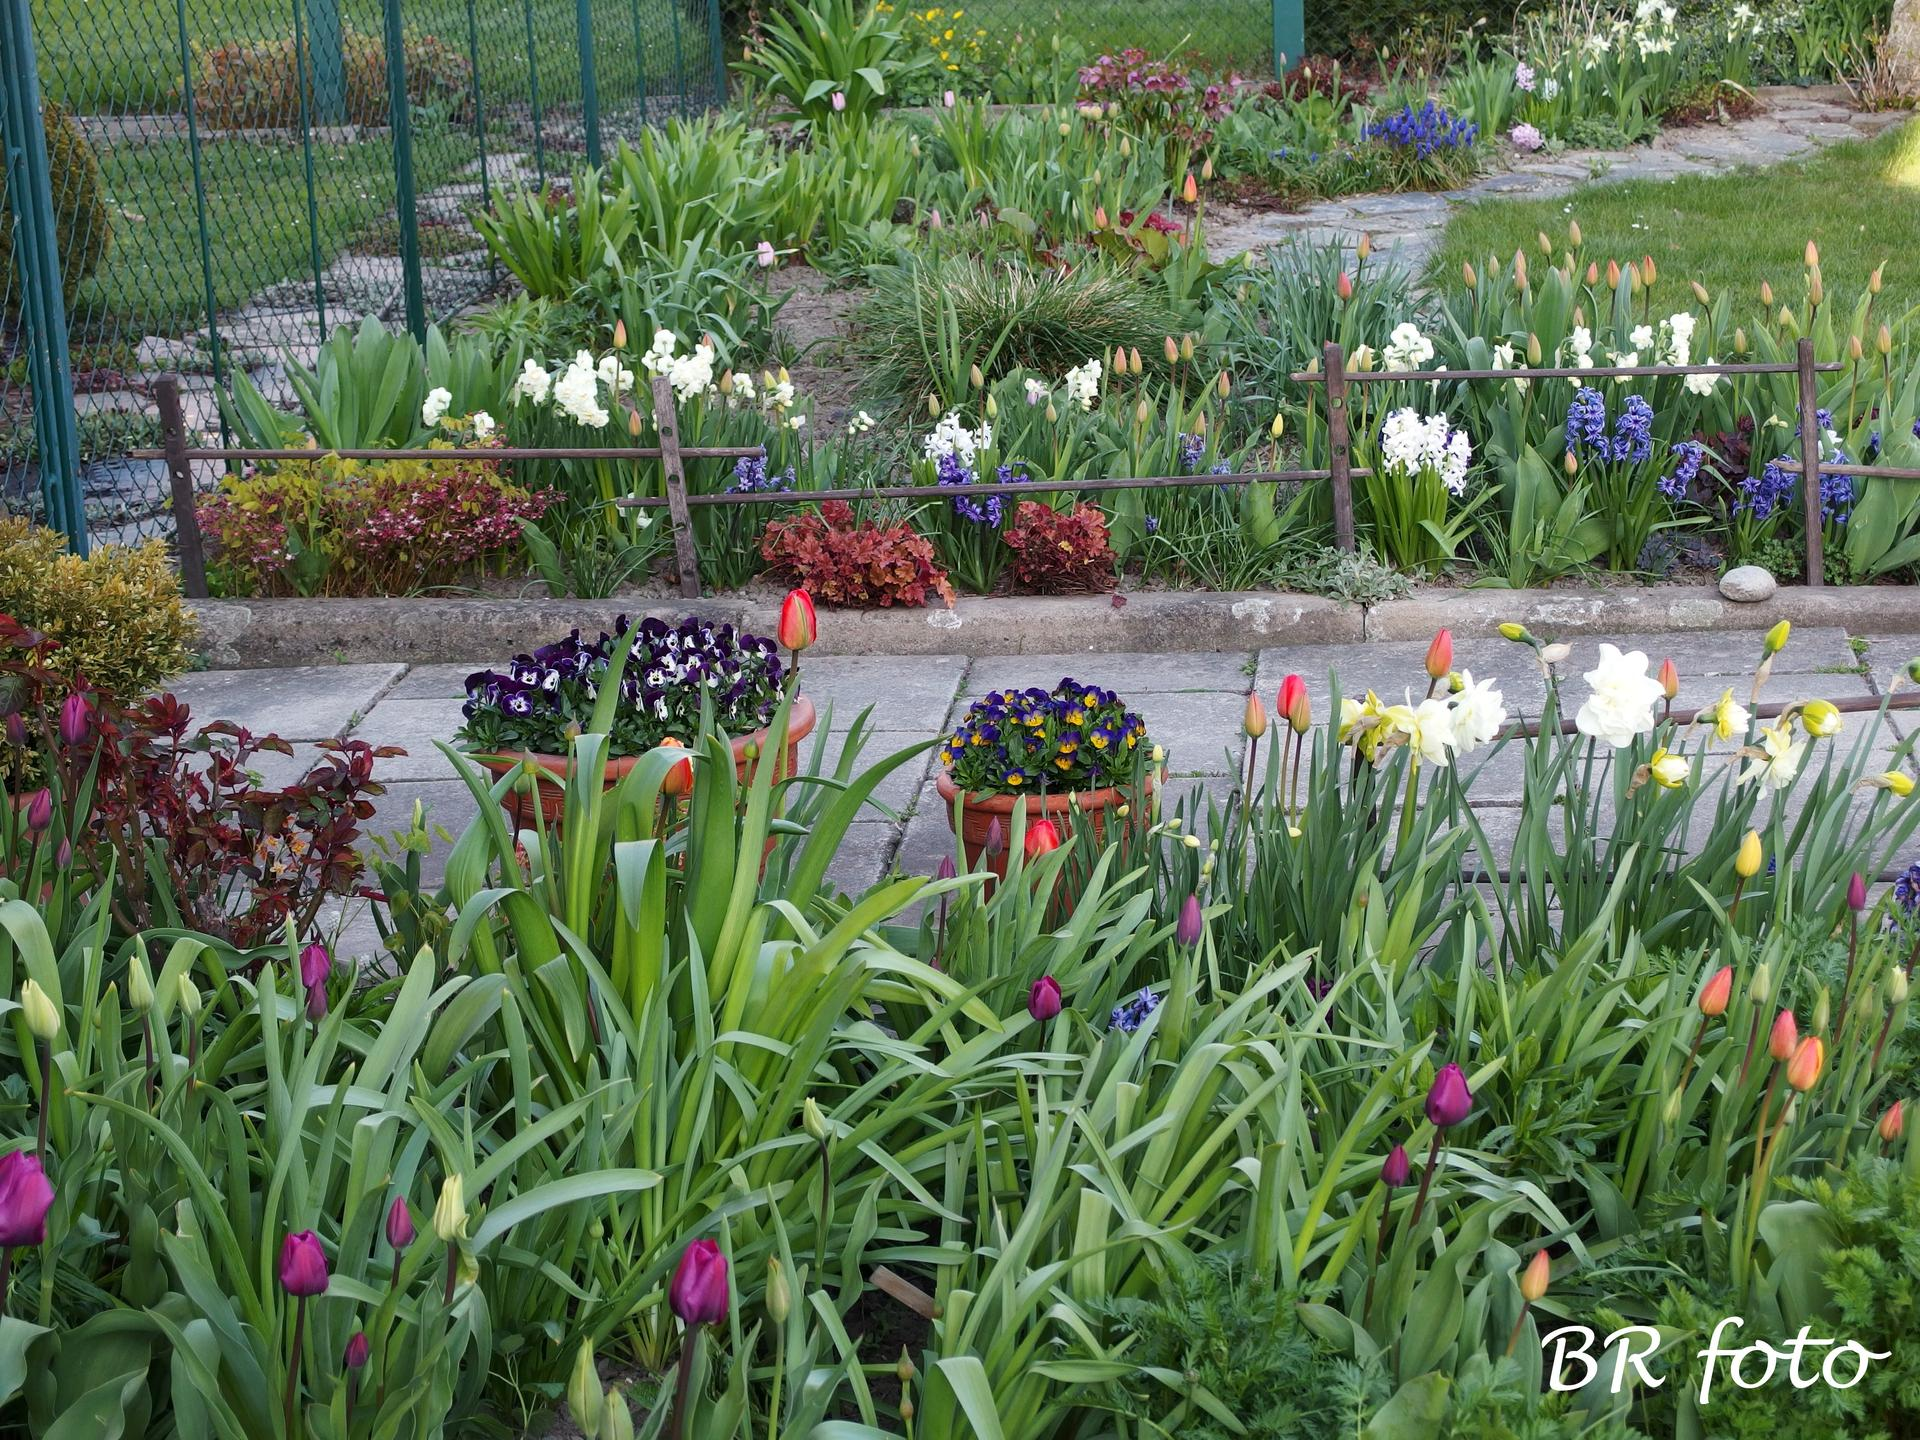 Pozvání do zahrady 2021 - momentálně kralují cibuloviny - hyacinty, narcisy, tulipány